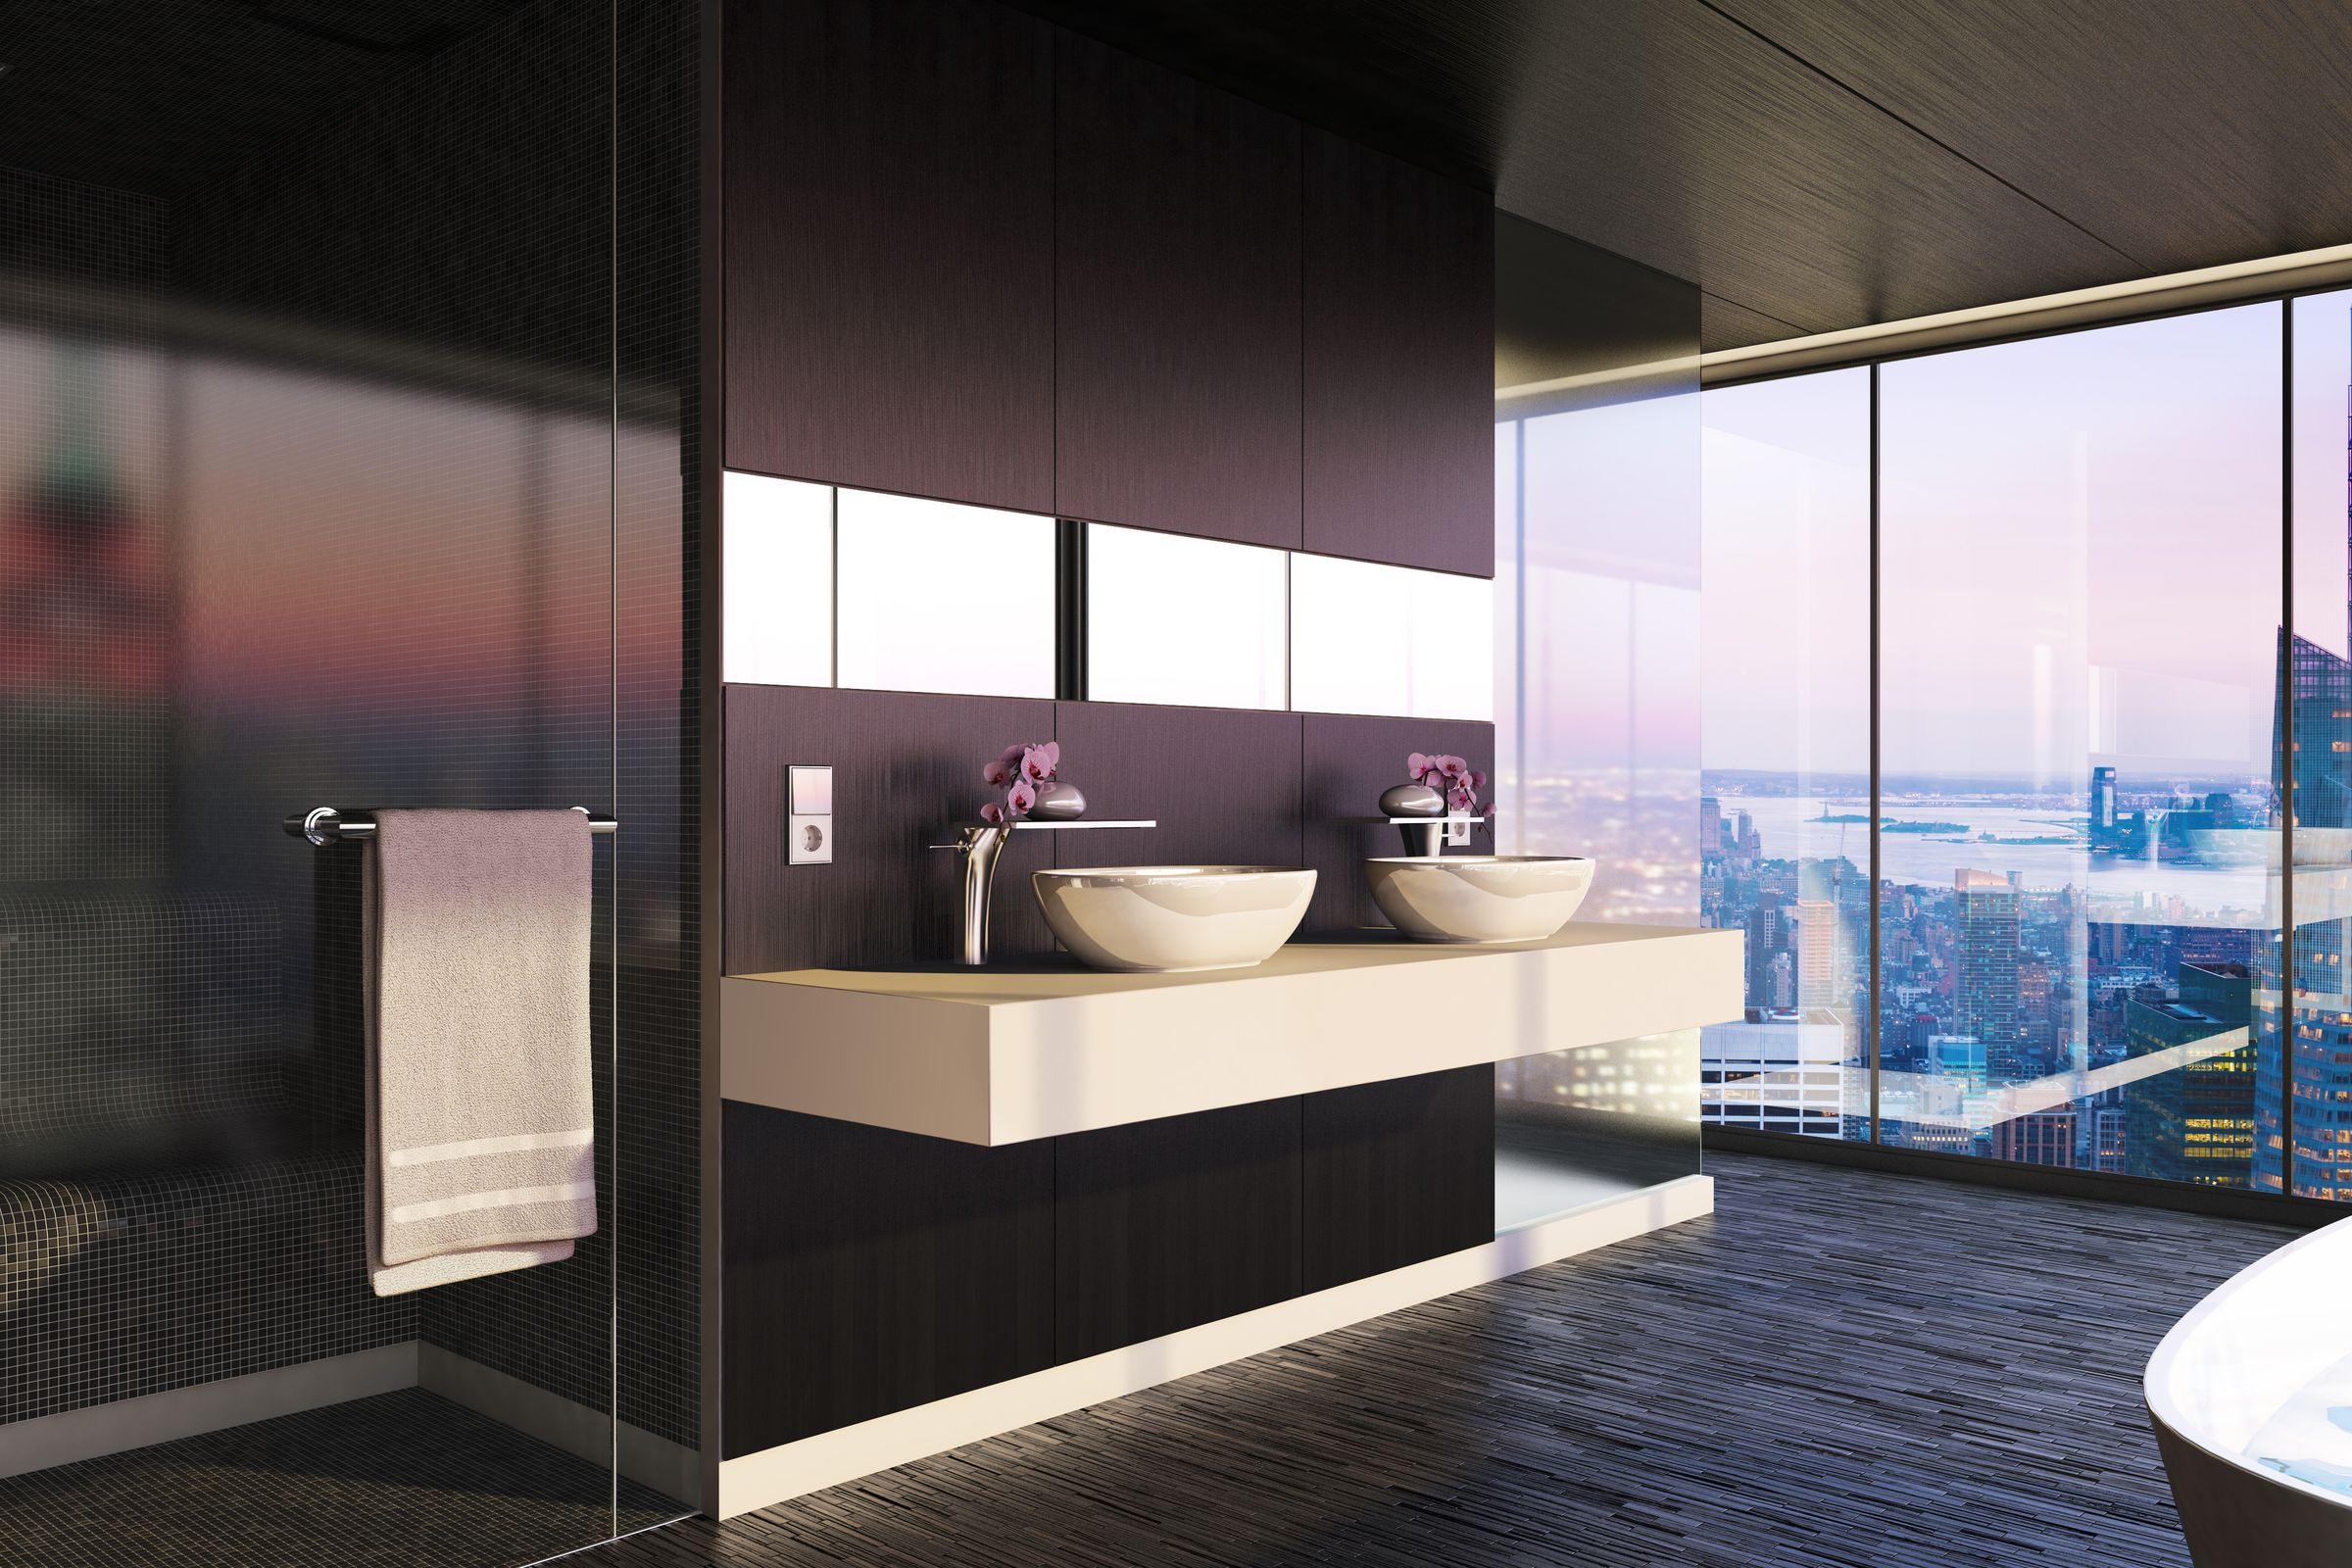 Hotel Badezimmer Luxus